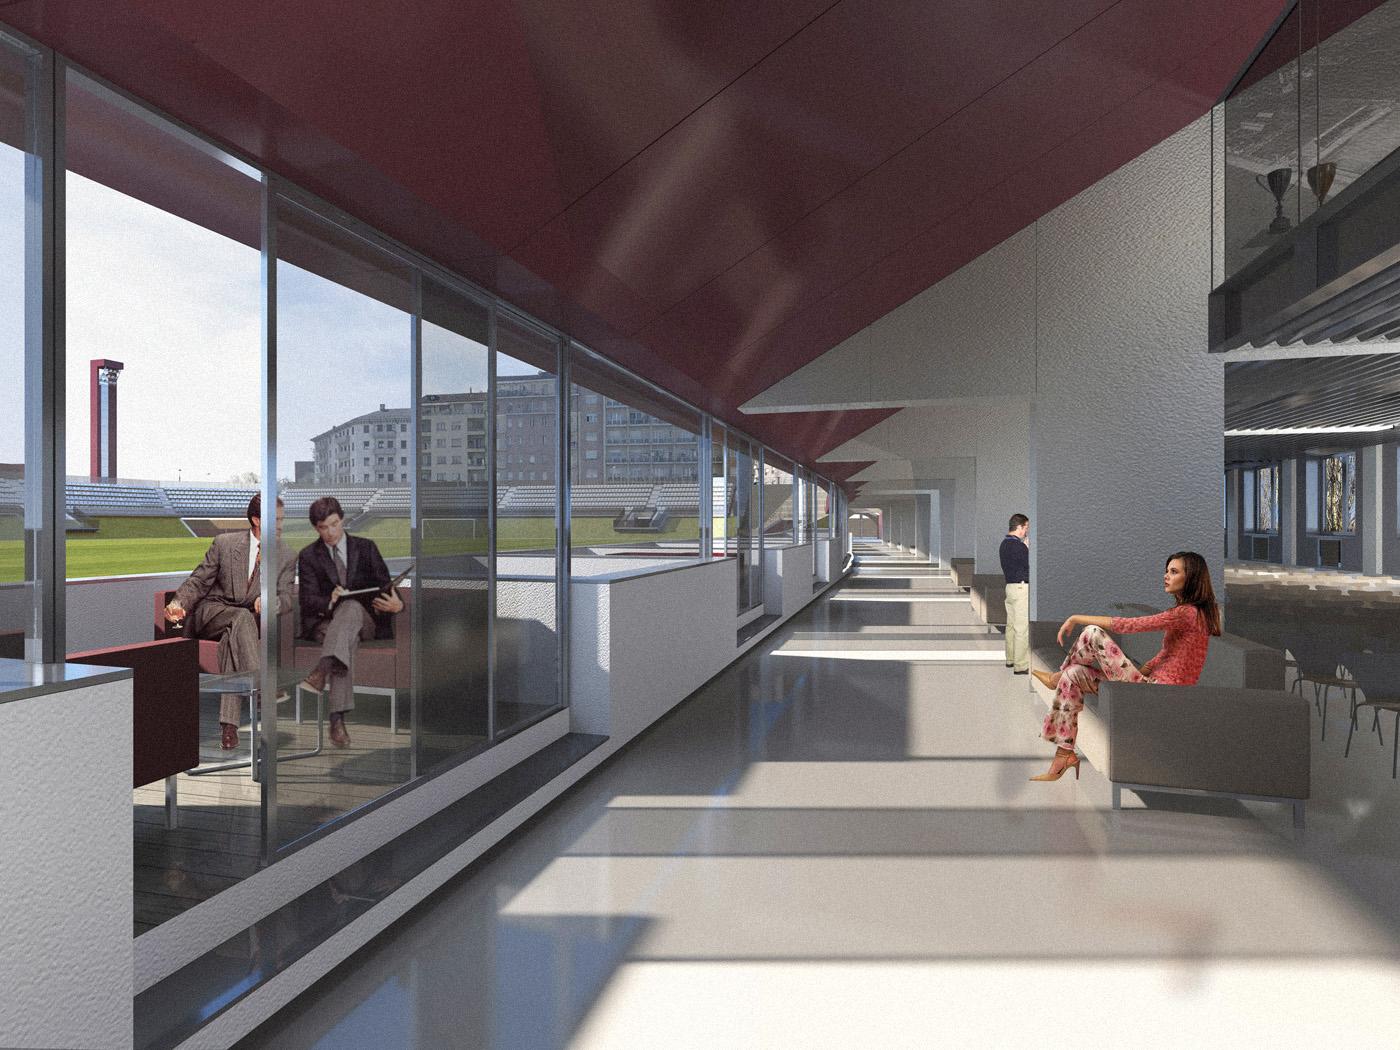 Nuovo Stadio Filadelfia a Torino. Progetto vincitore del concorso di idee. Interni | Bottega di Architettura